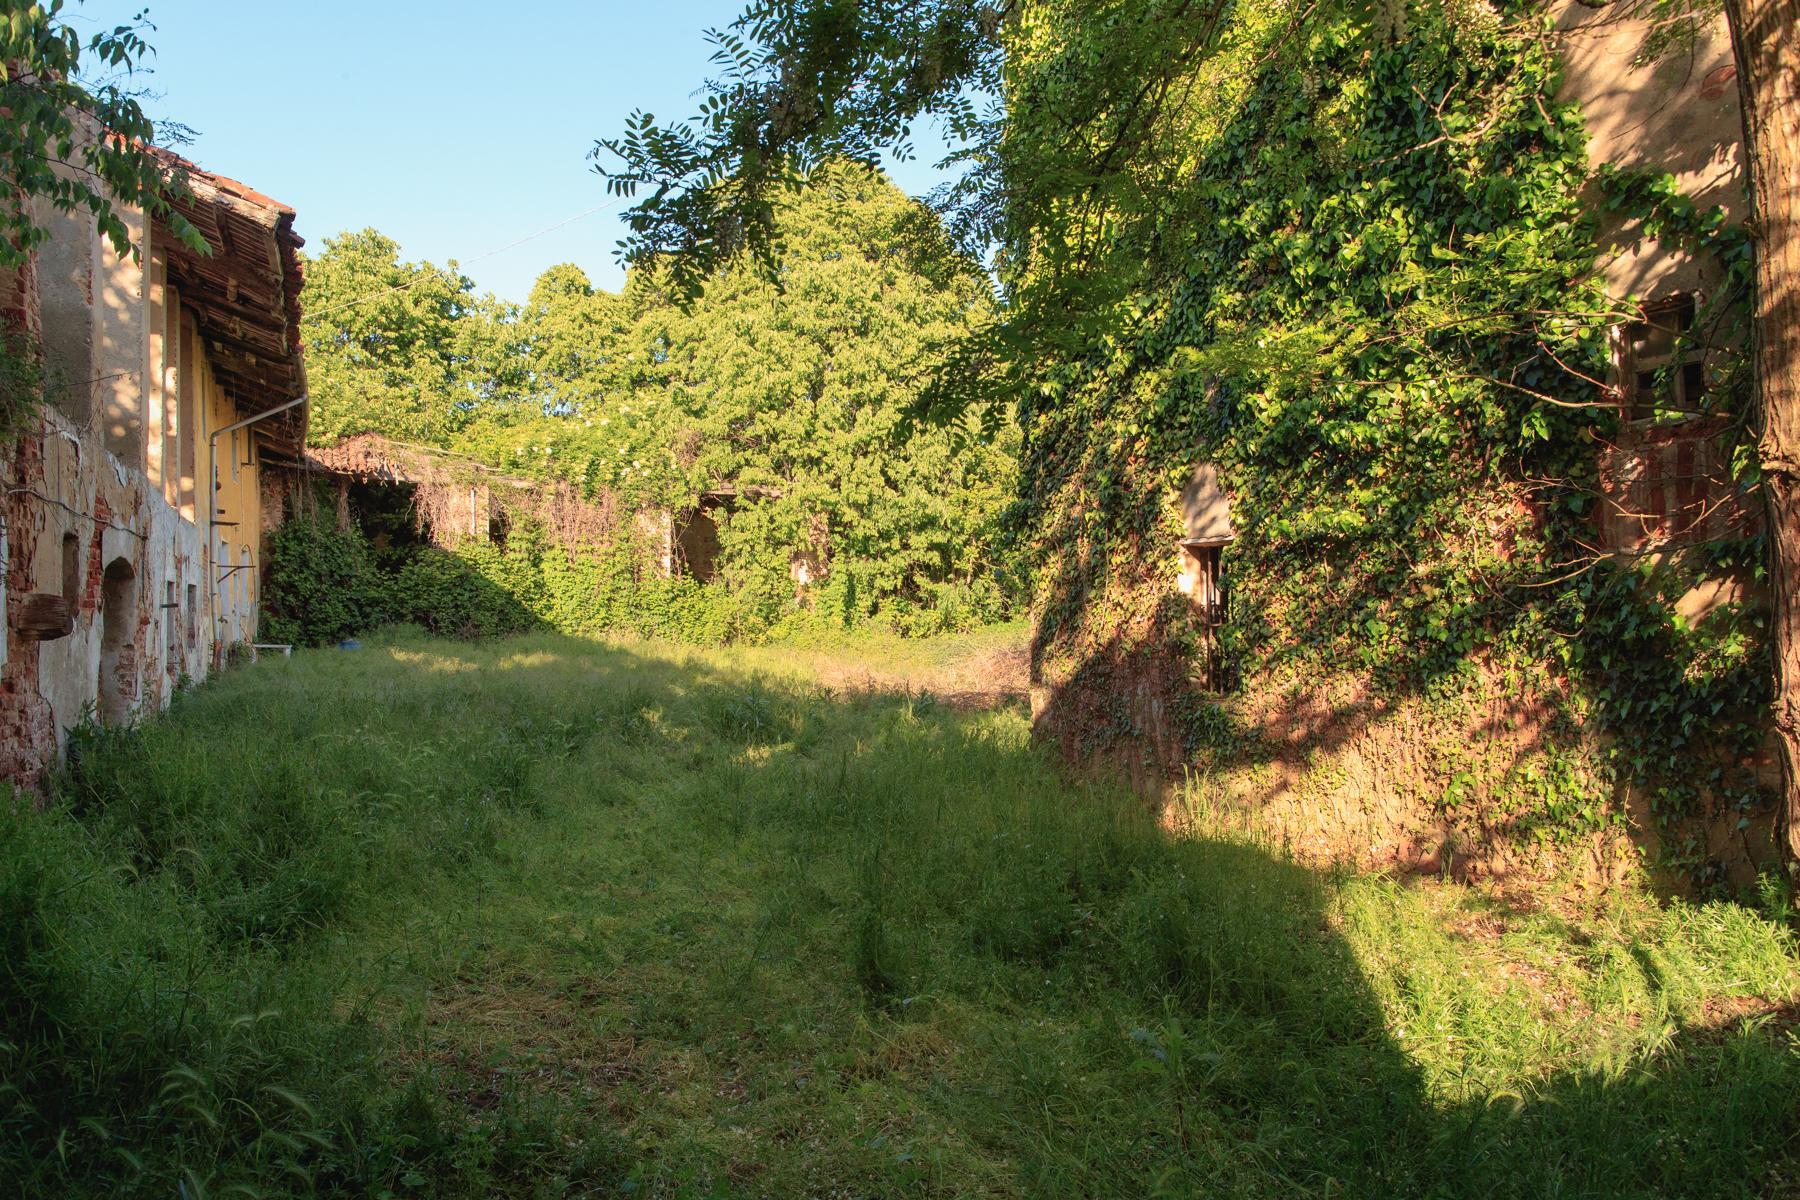 Antikes Bauernhaus auf dem Land Turins - 4